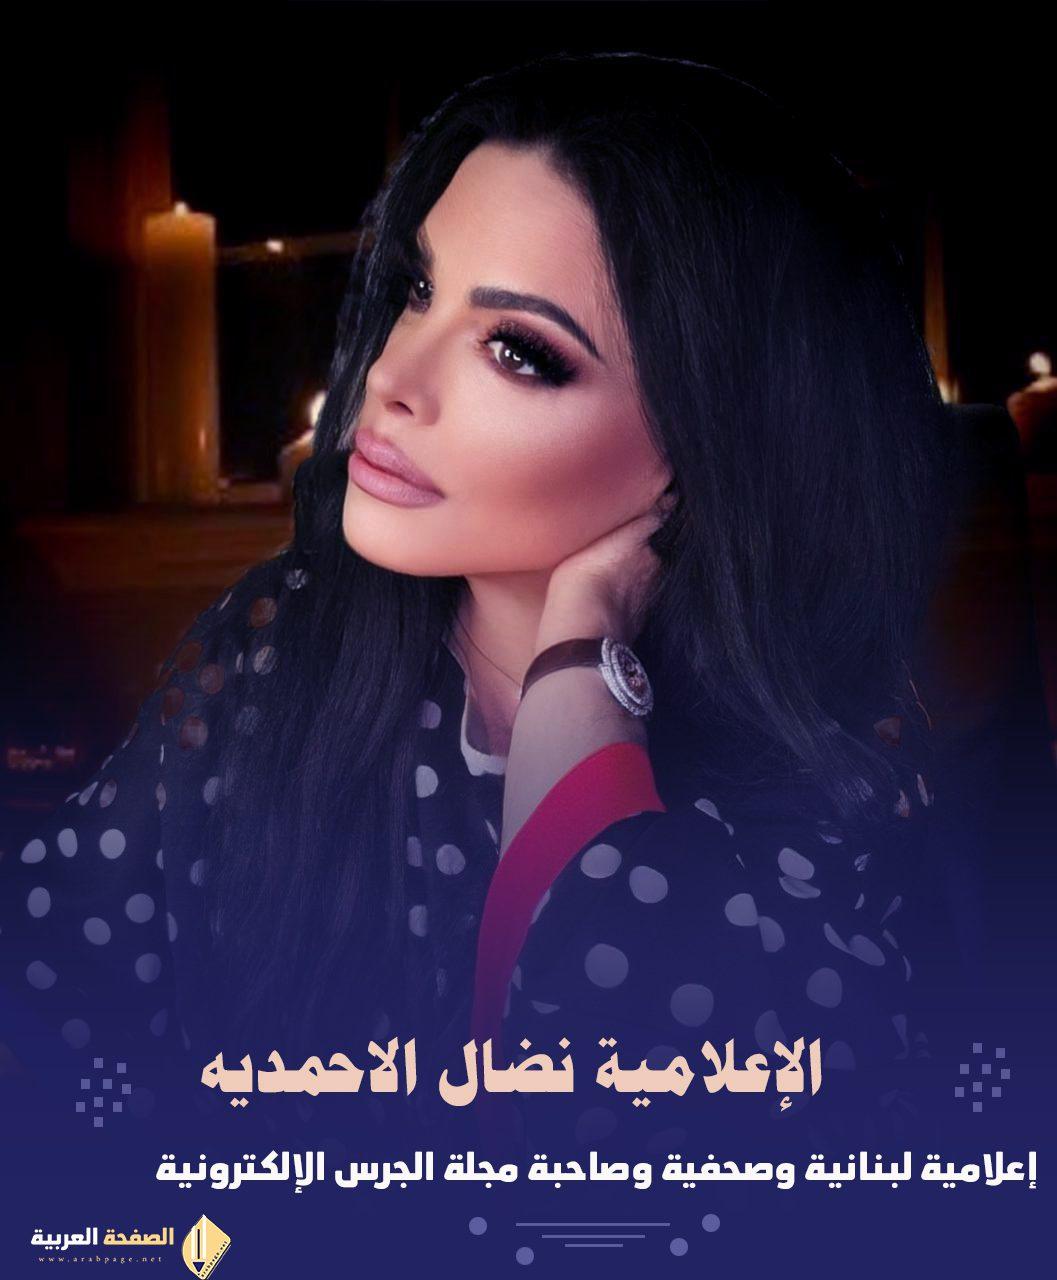 نضال الاحمدية انستقرام تويتر سناب من هي Nidal Al'ahmadia تسيء للسعودية